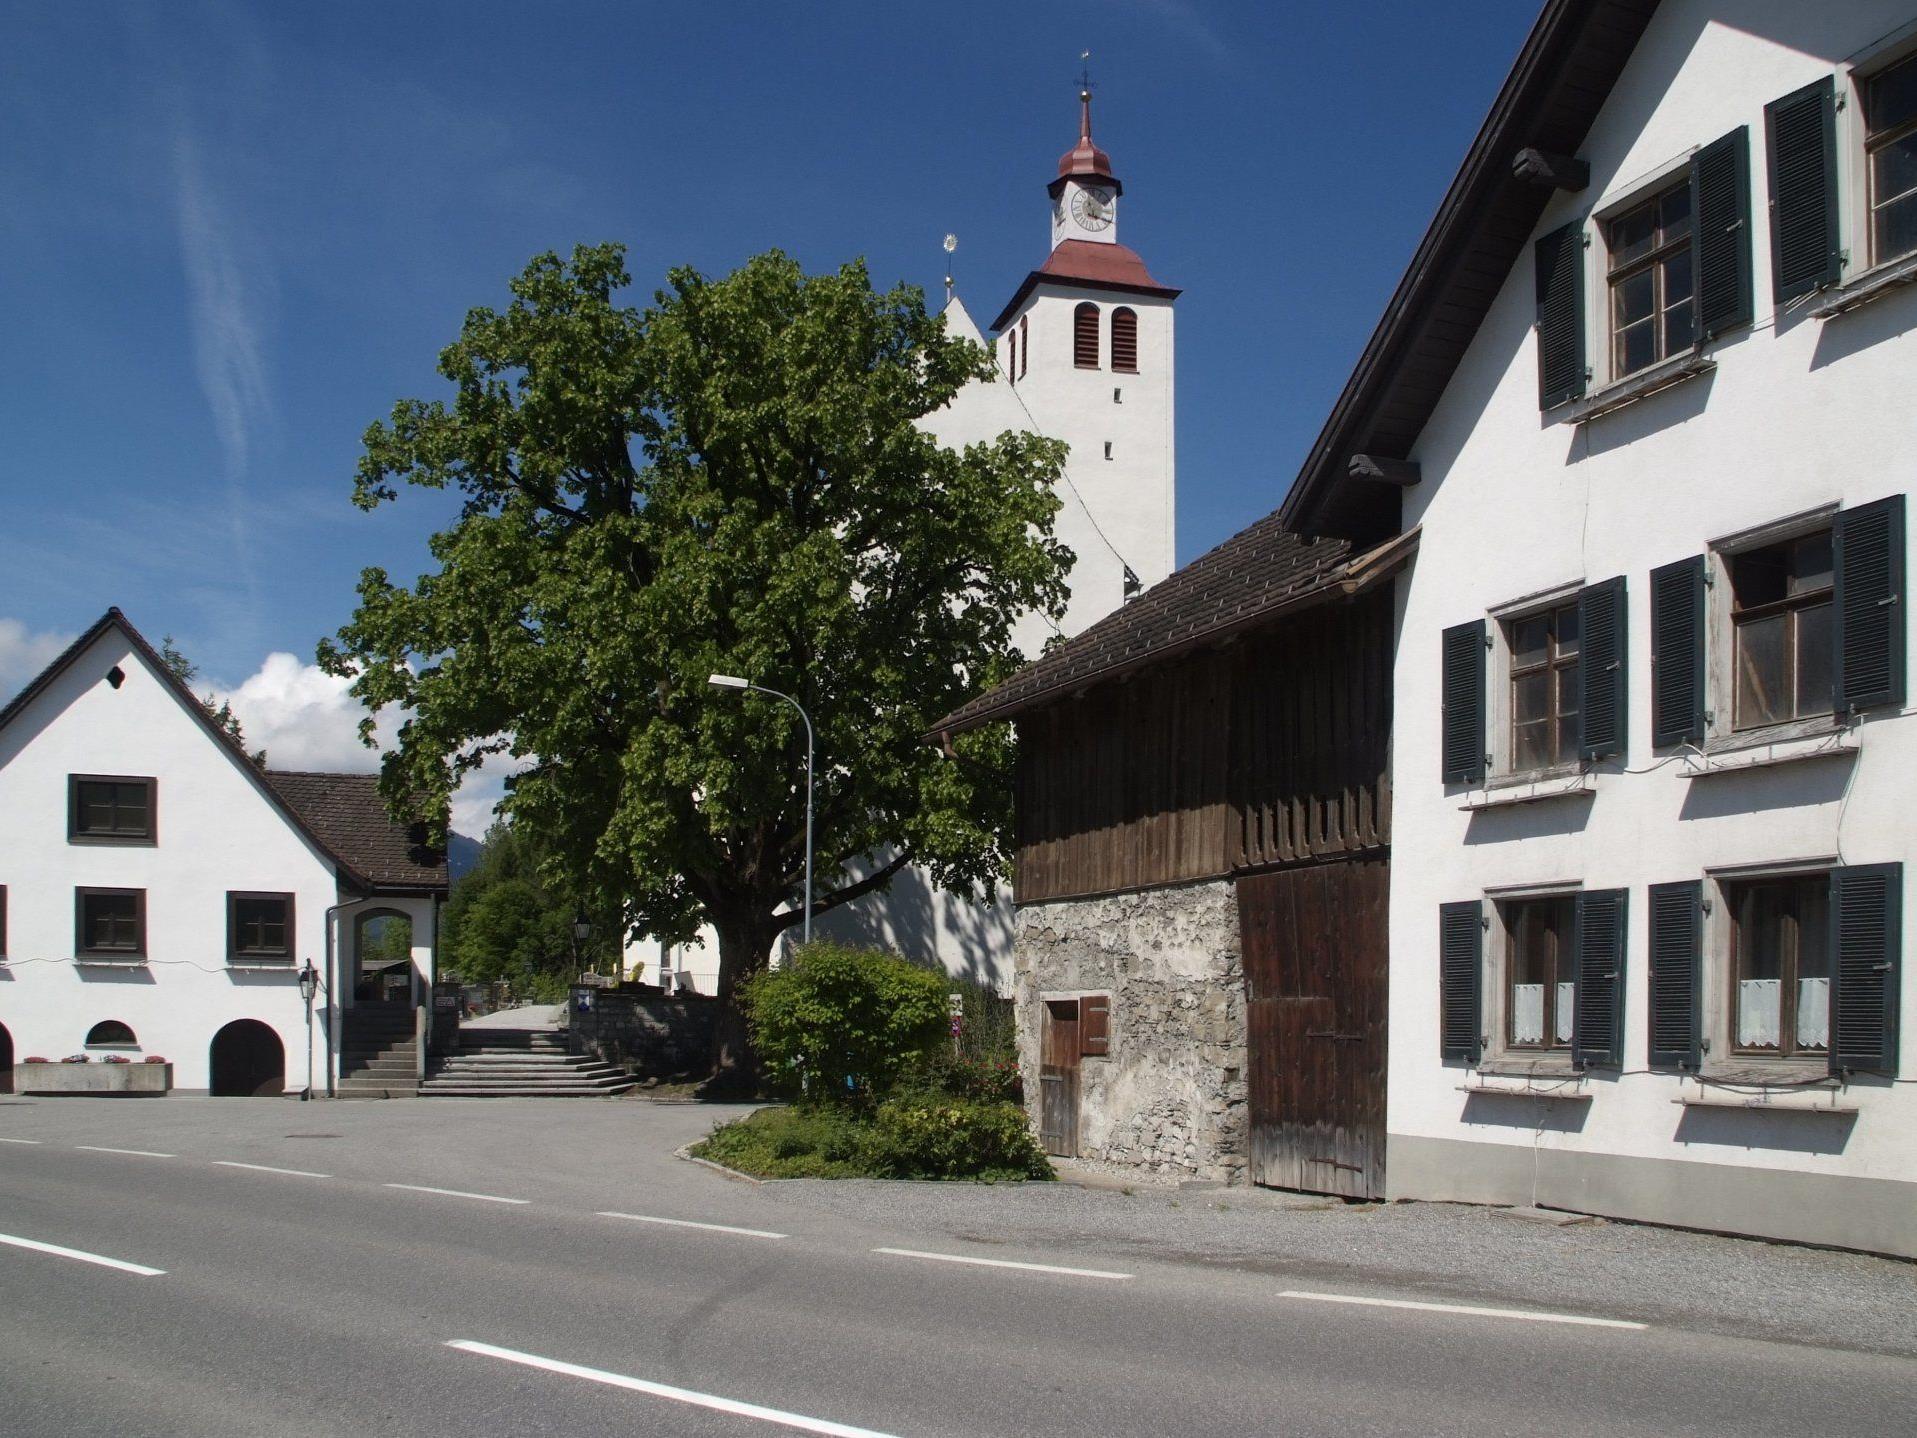 Die 117 Jahre alte Linde vor der Pfarrkirche zeigte Ermüdungserscheinungen.